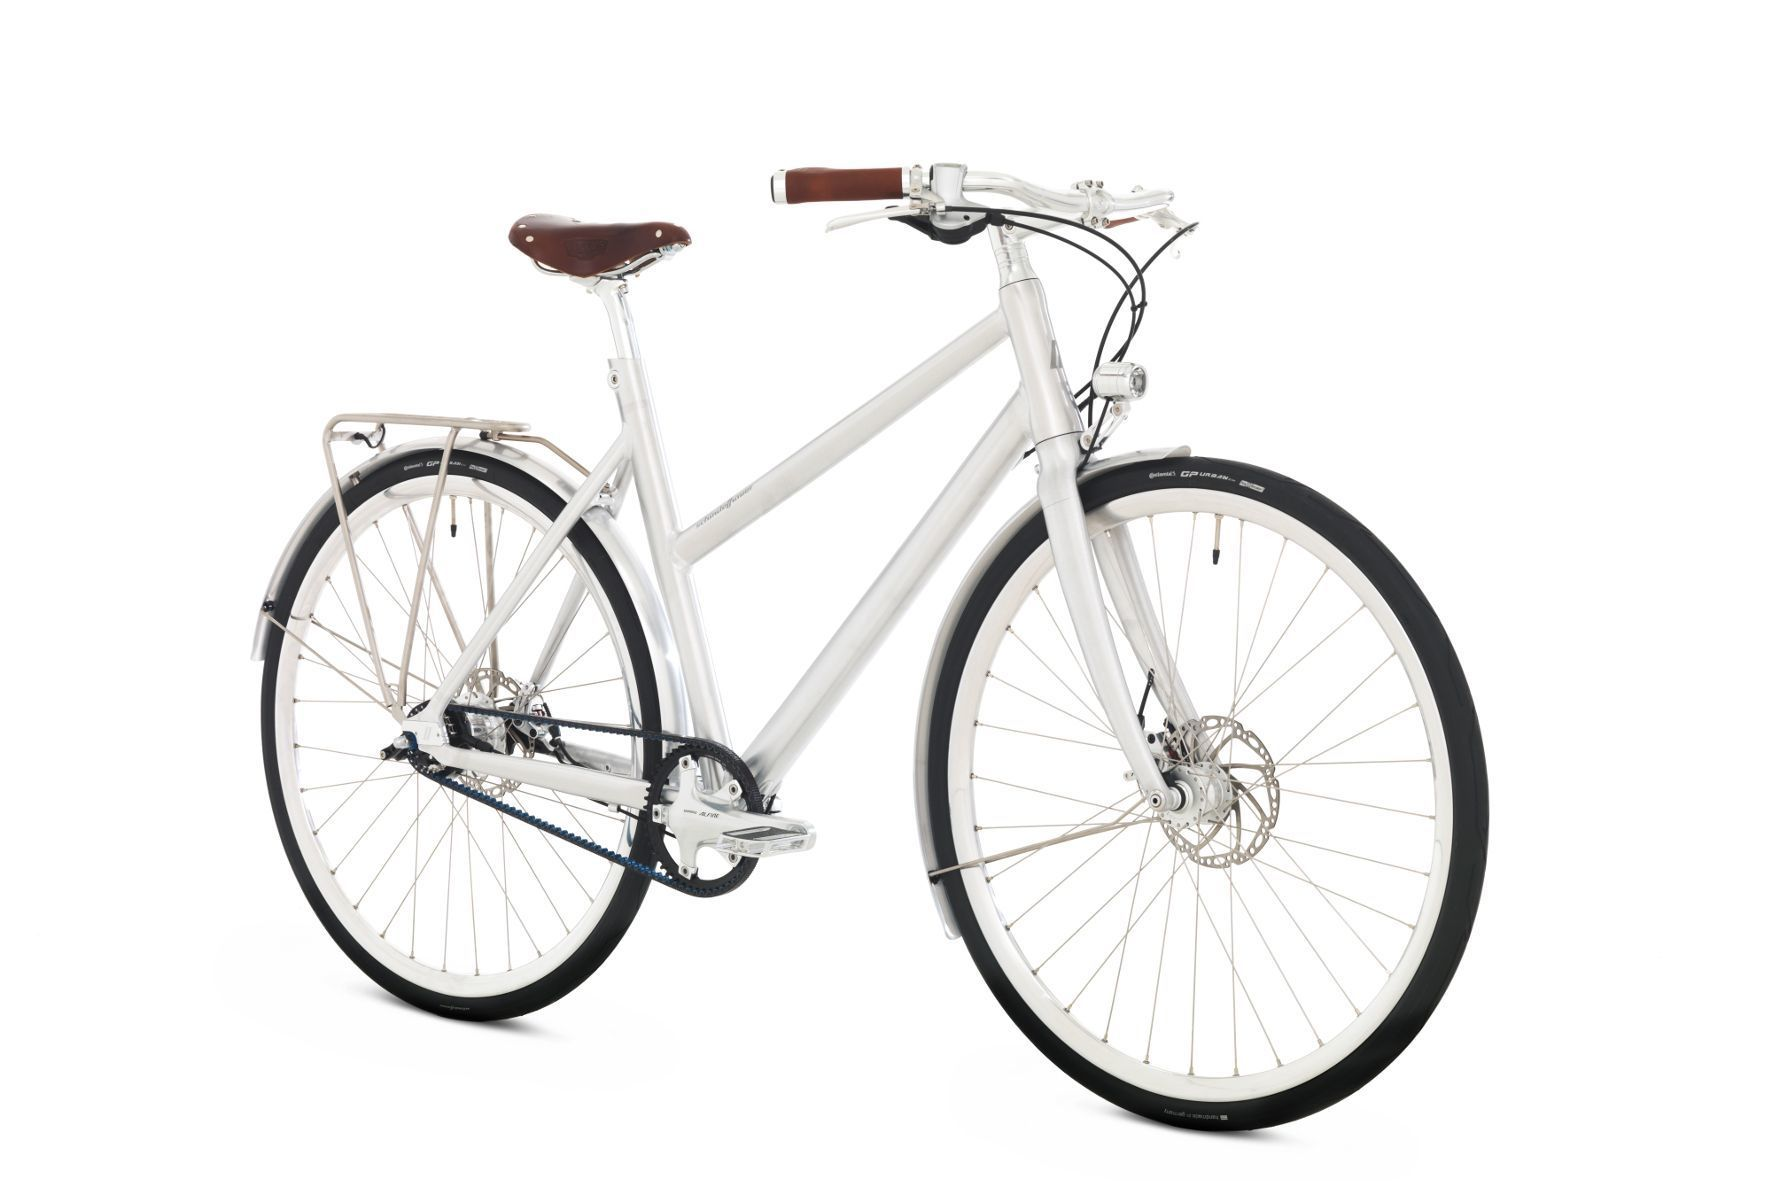 """mid Groß-Gerau - Ein Hauch von Nostalgie: Mit puristischem Design und einem Carbonfaser-verstärkten Zahnriemenantrieb kommt das Fahrrad namens """"Frieda"""" daher."""